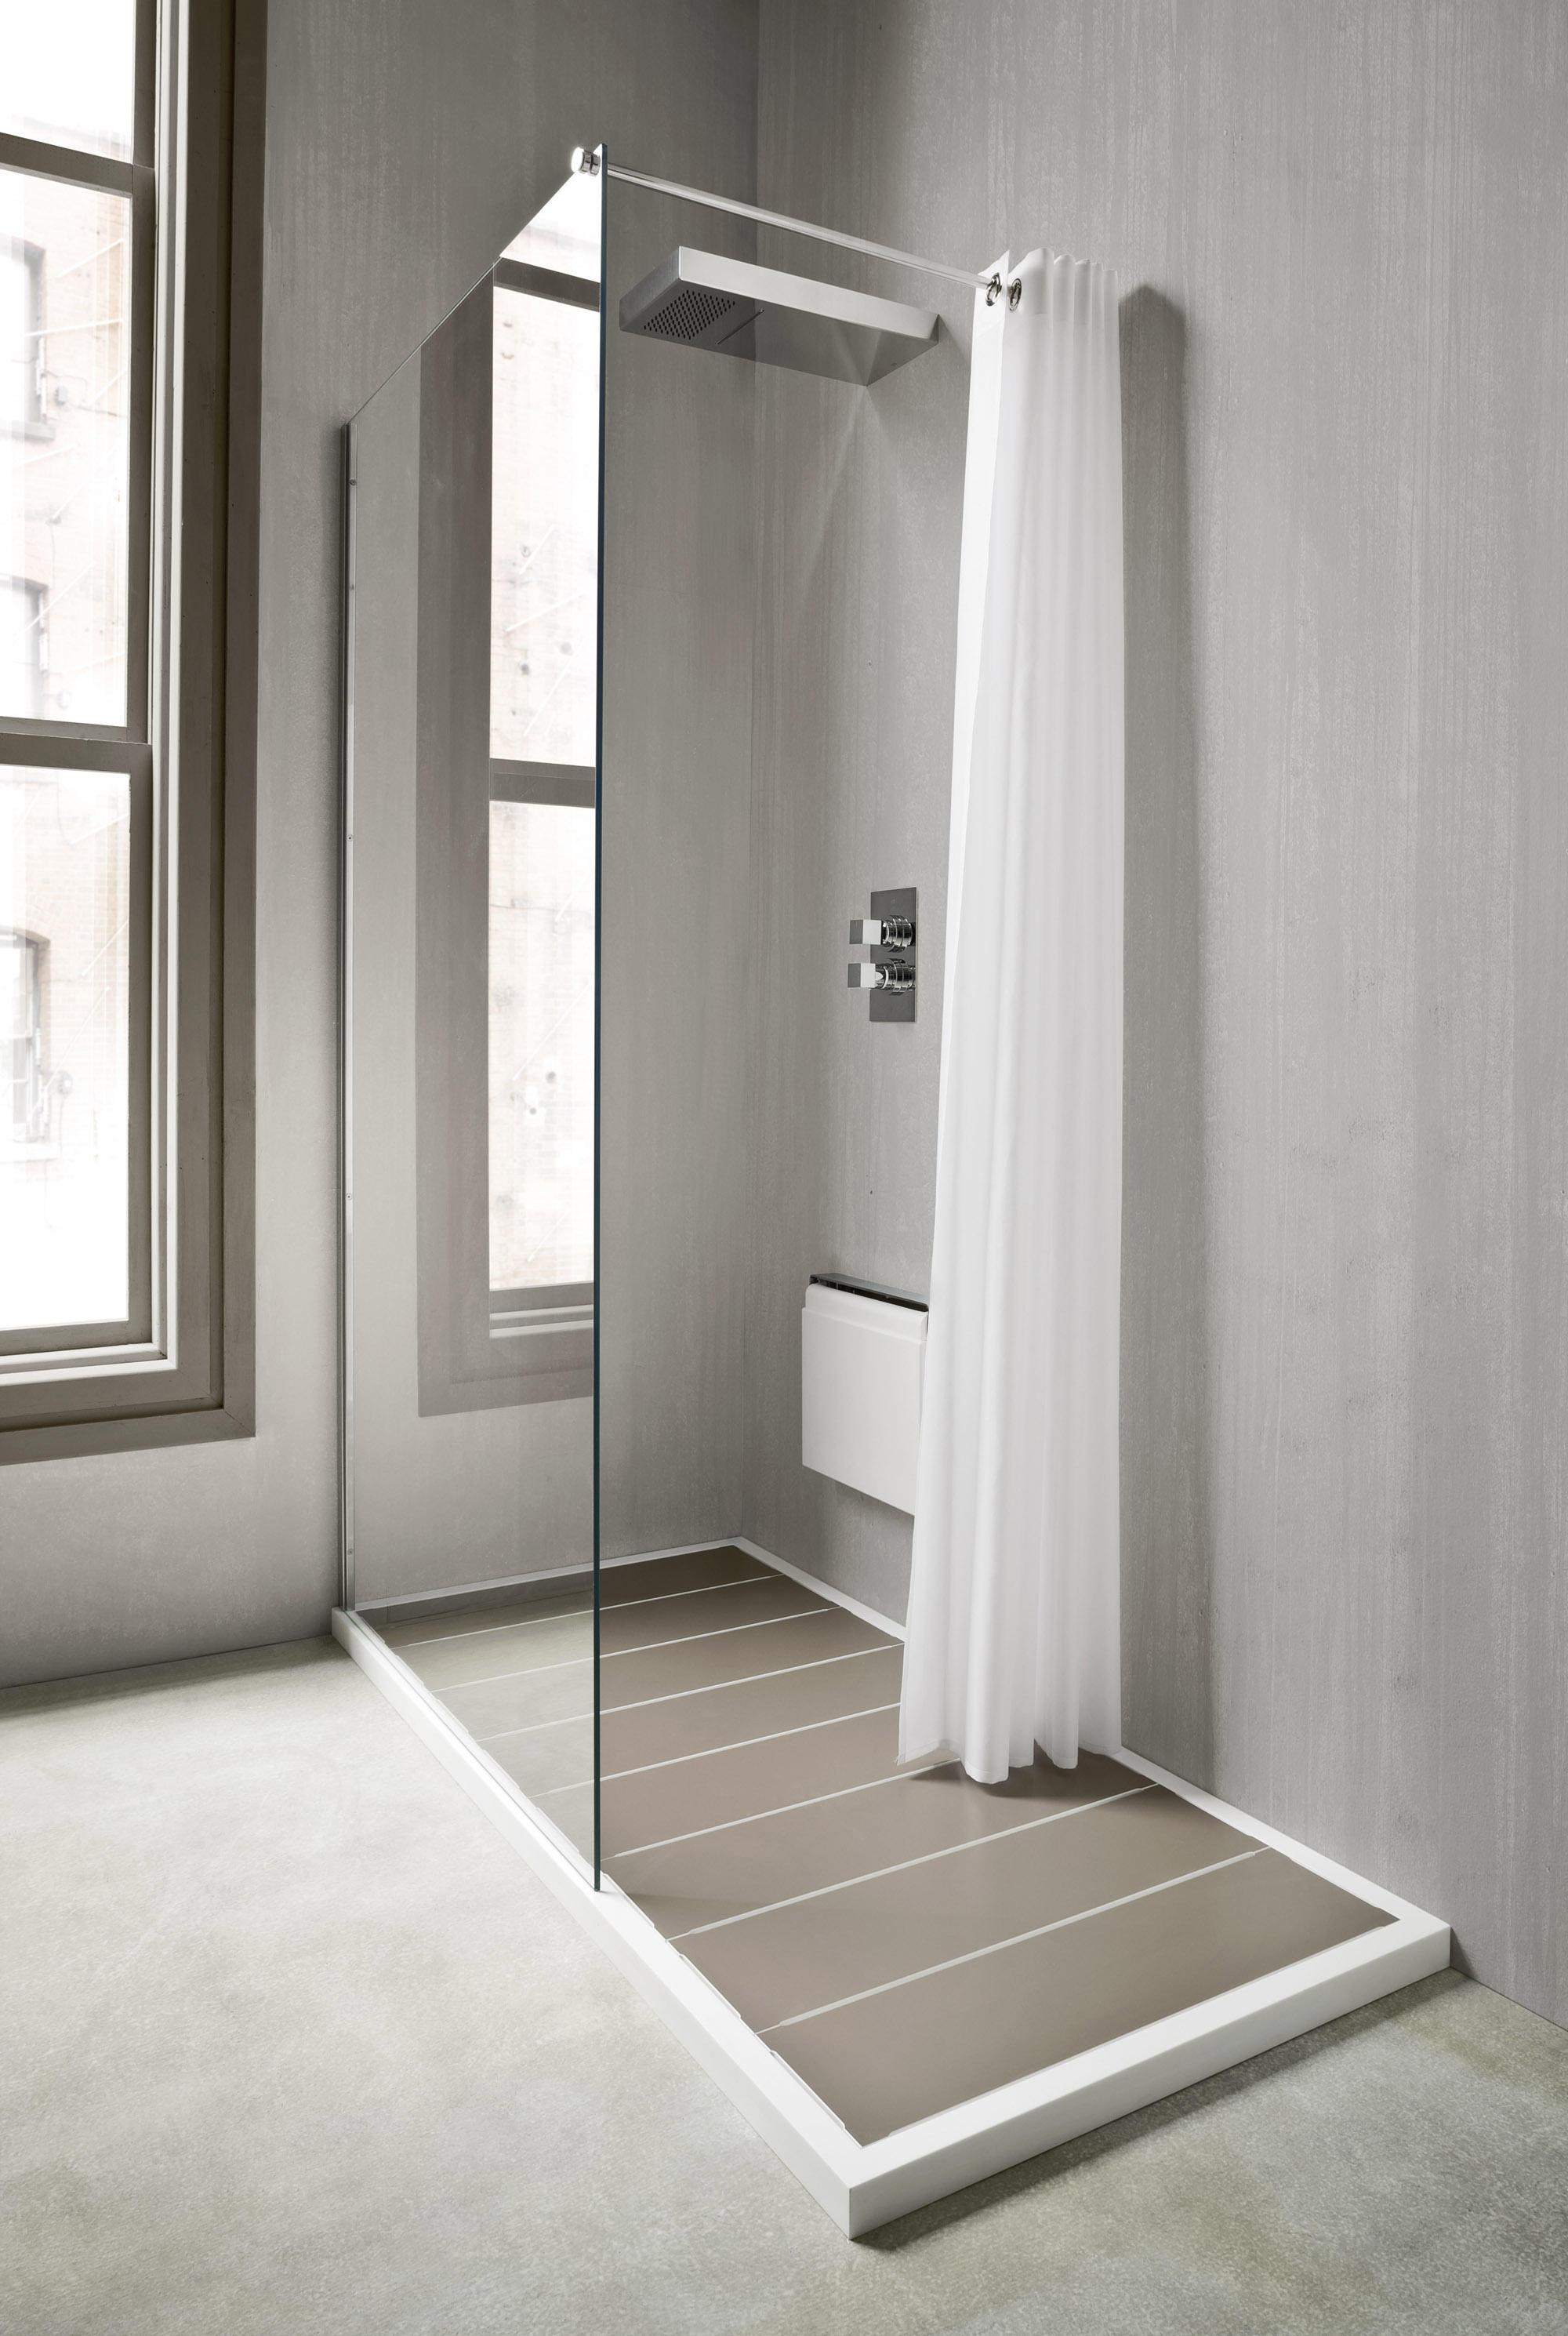 Rexa Design Awesome Fonte By Monica Graffeo For Rexa Design With  # Muebles Di Giano